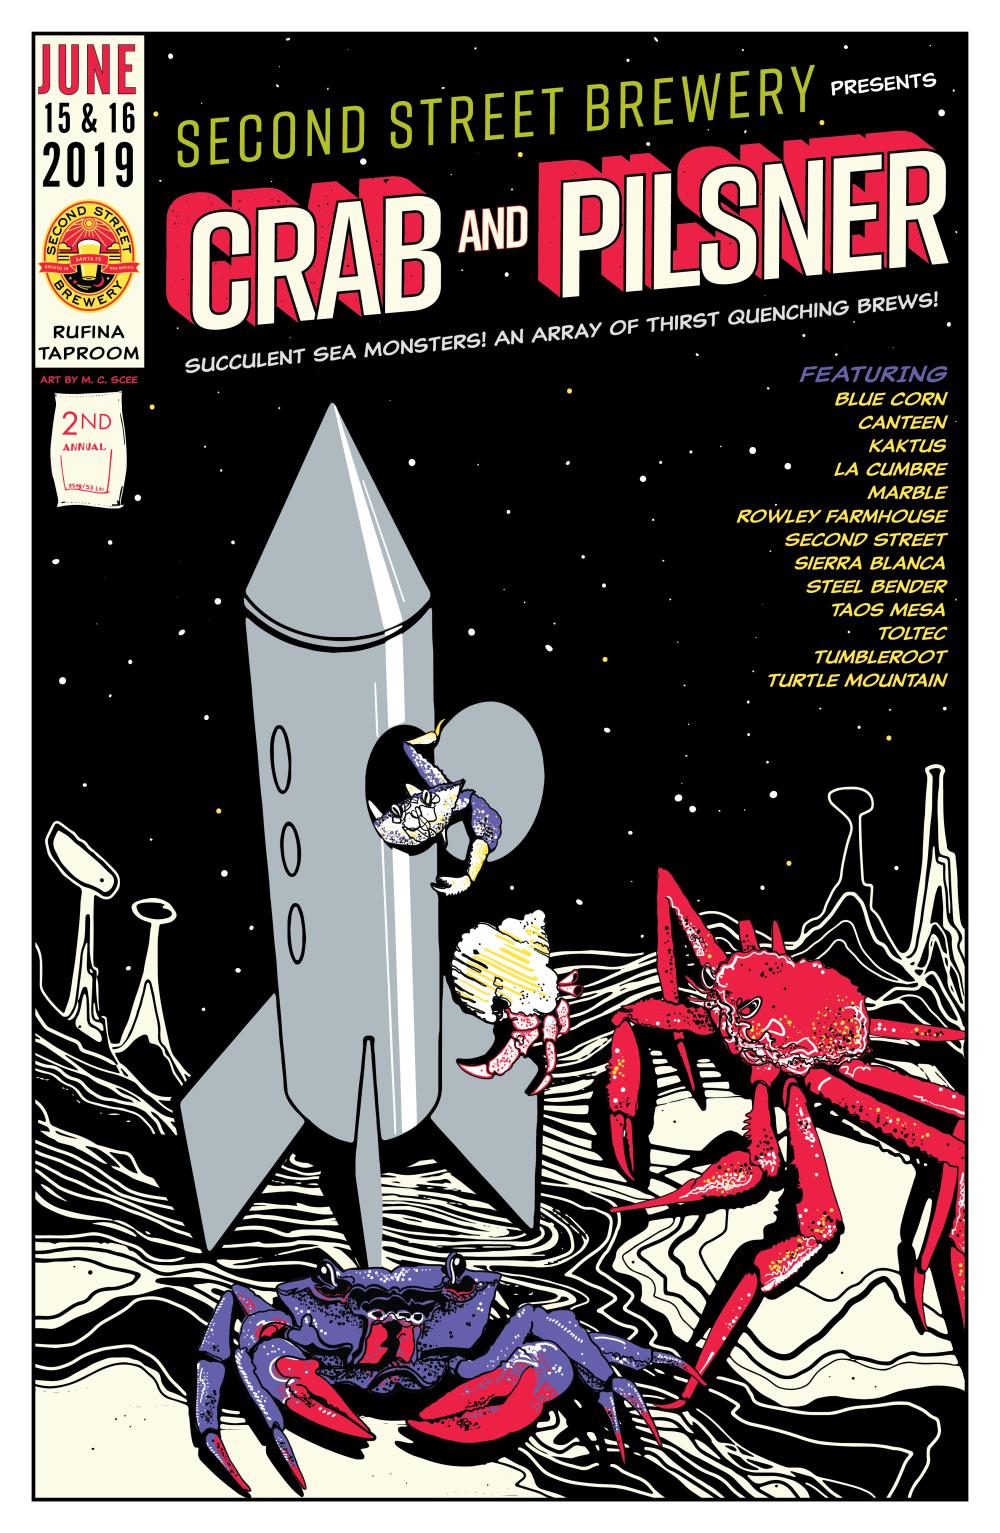 crabpilsposter2019_final-01